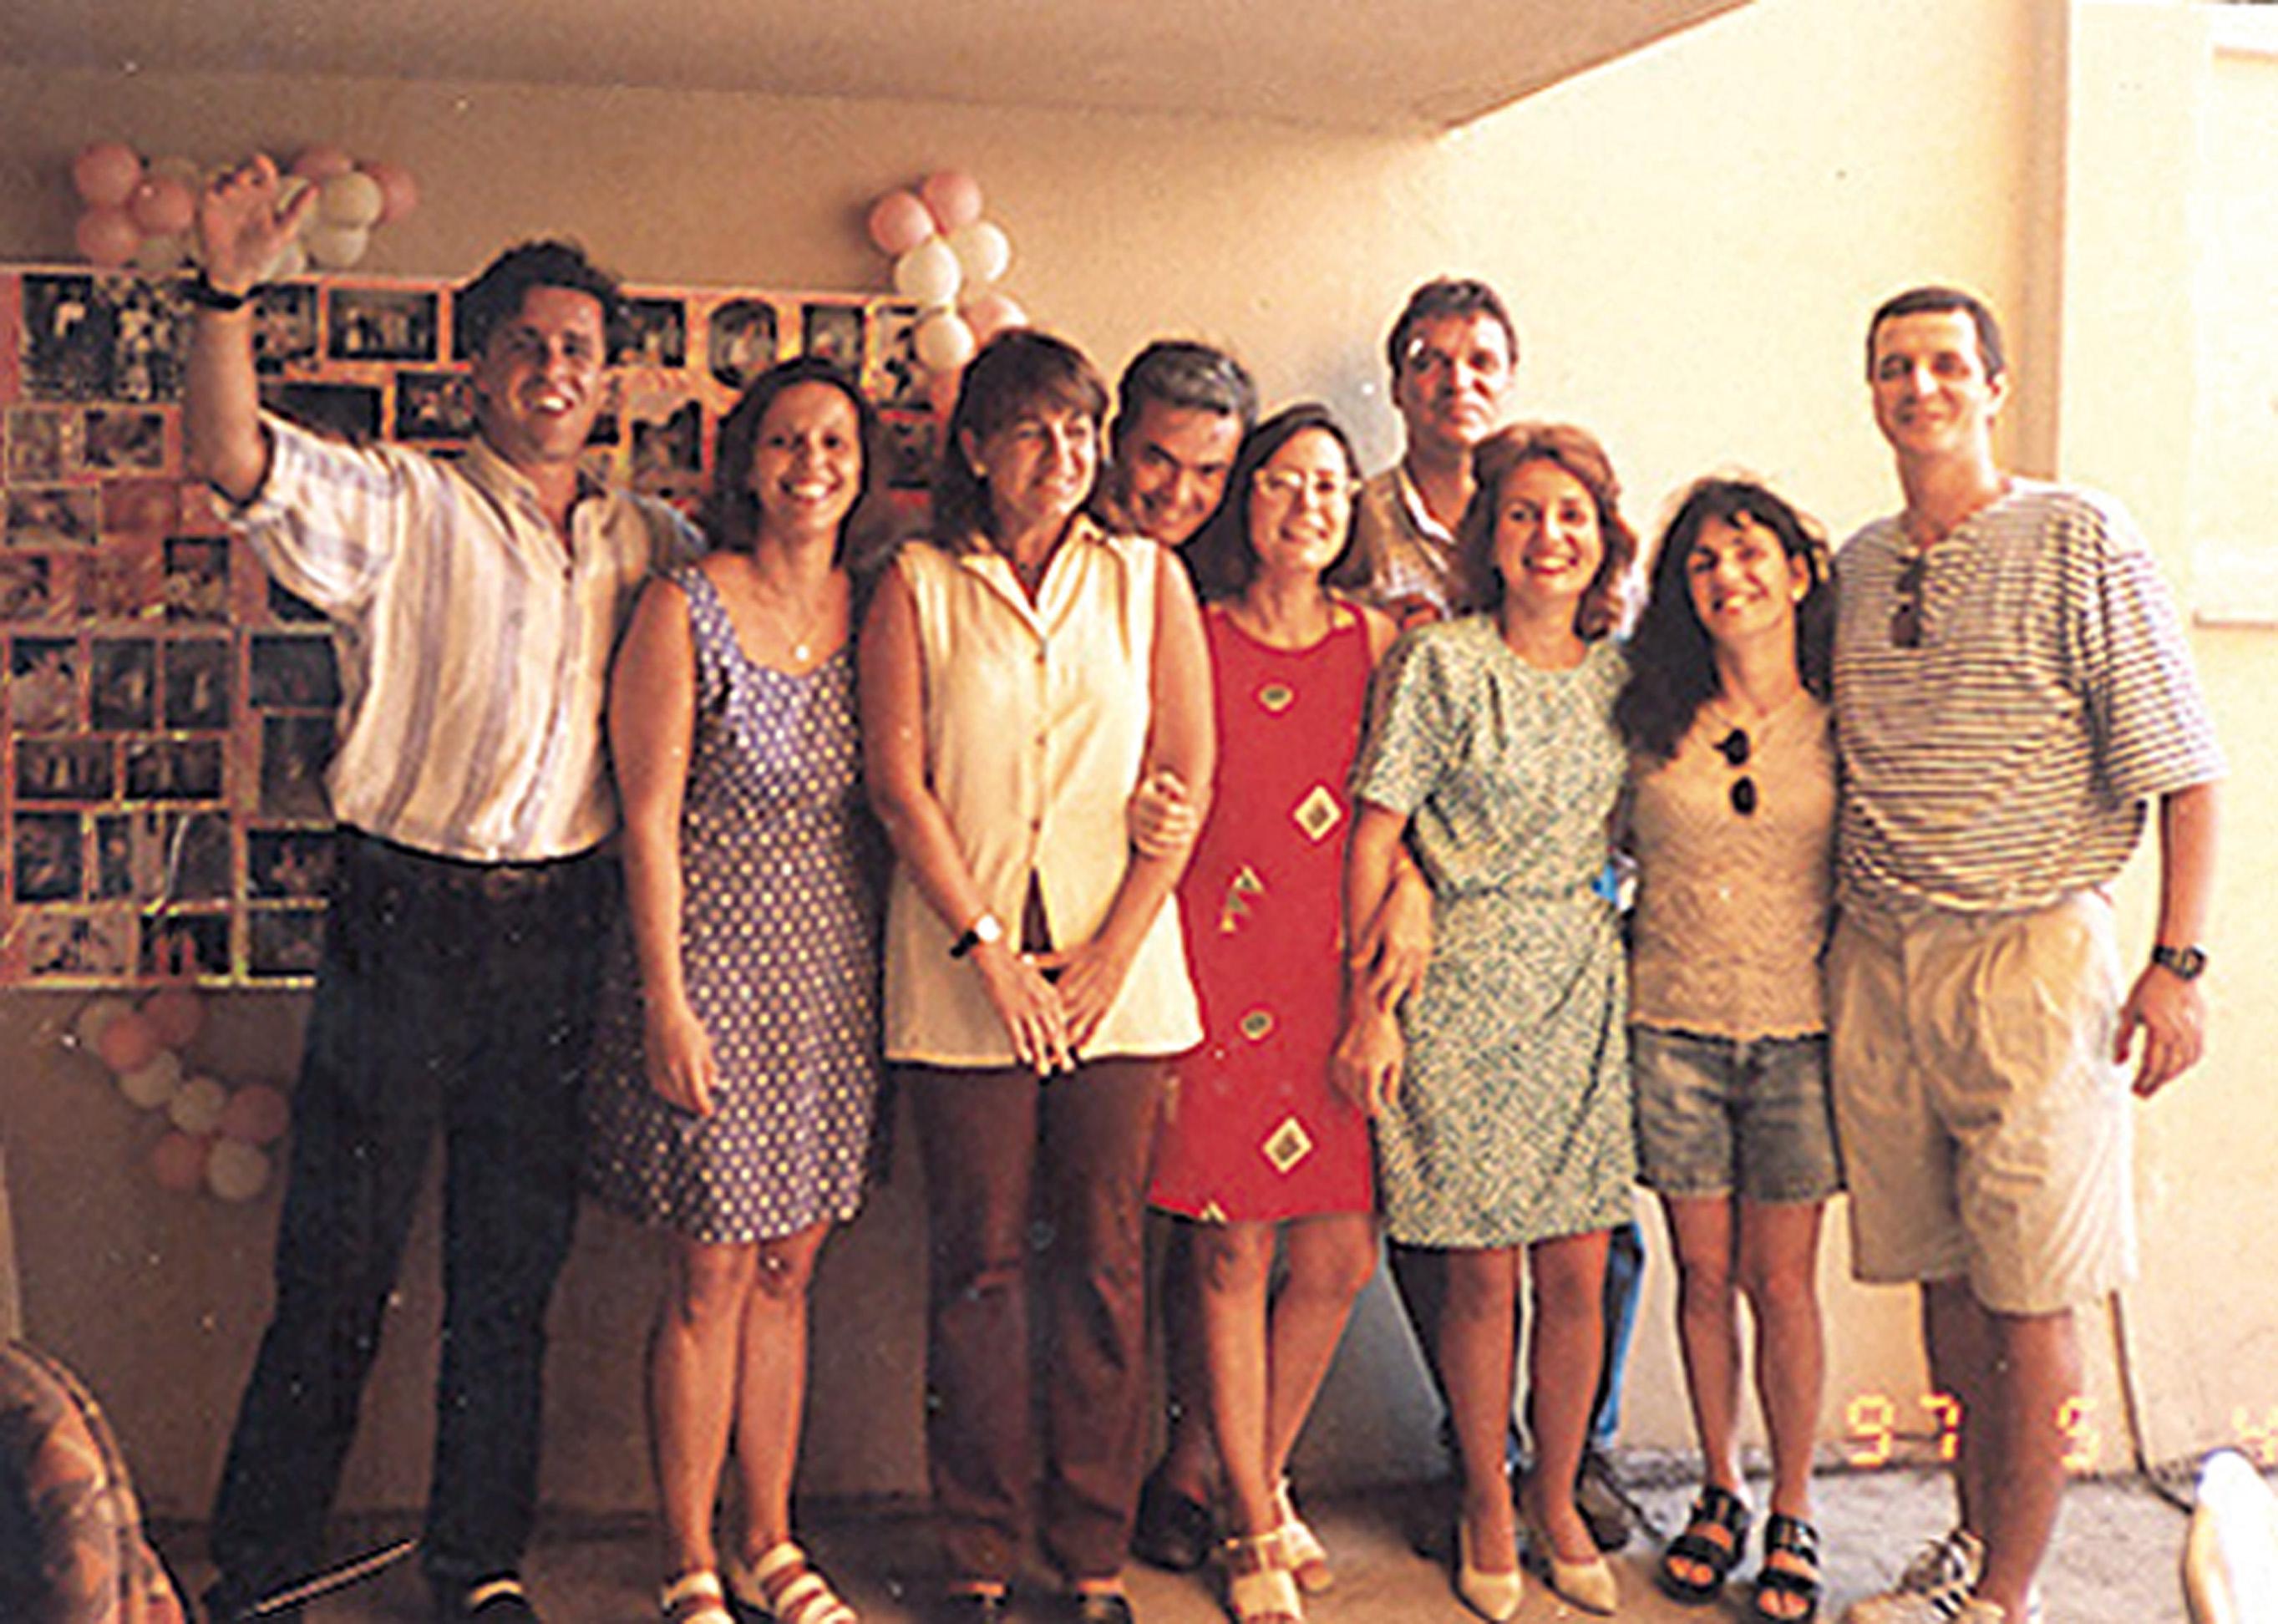 Comemorando os 40 anos com os irmãos, os primos e os pais, em 2000